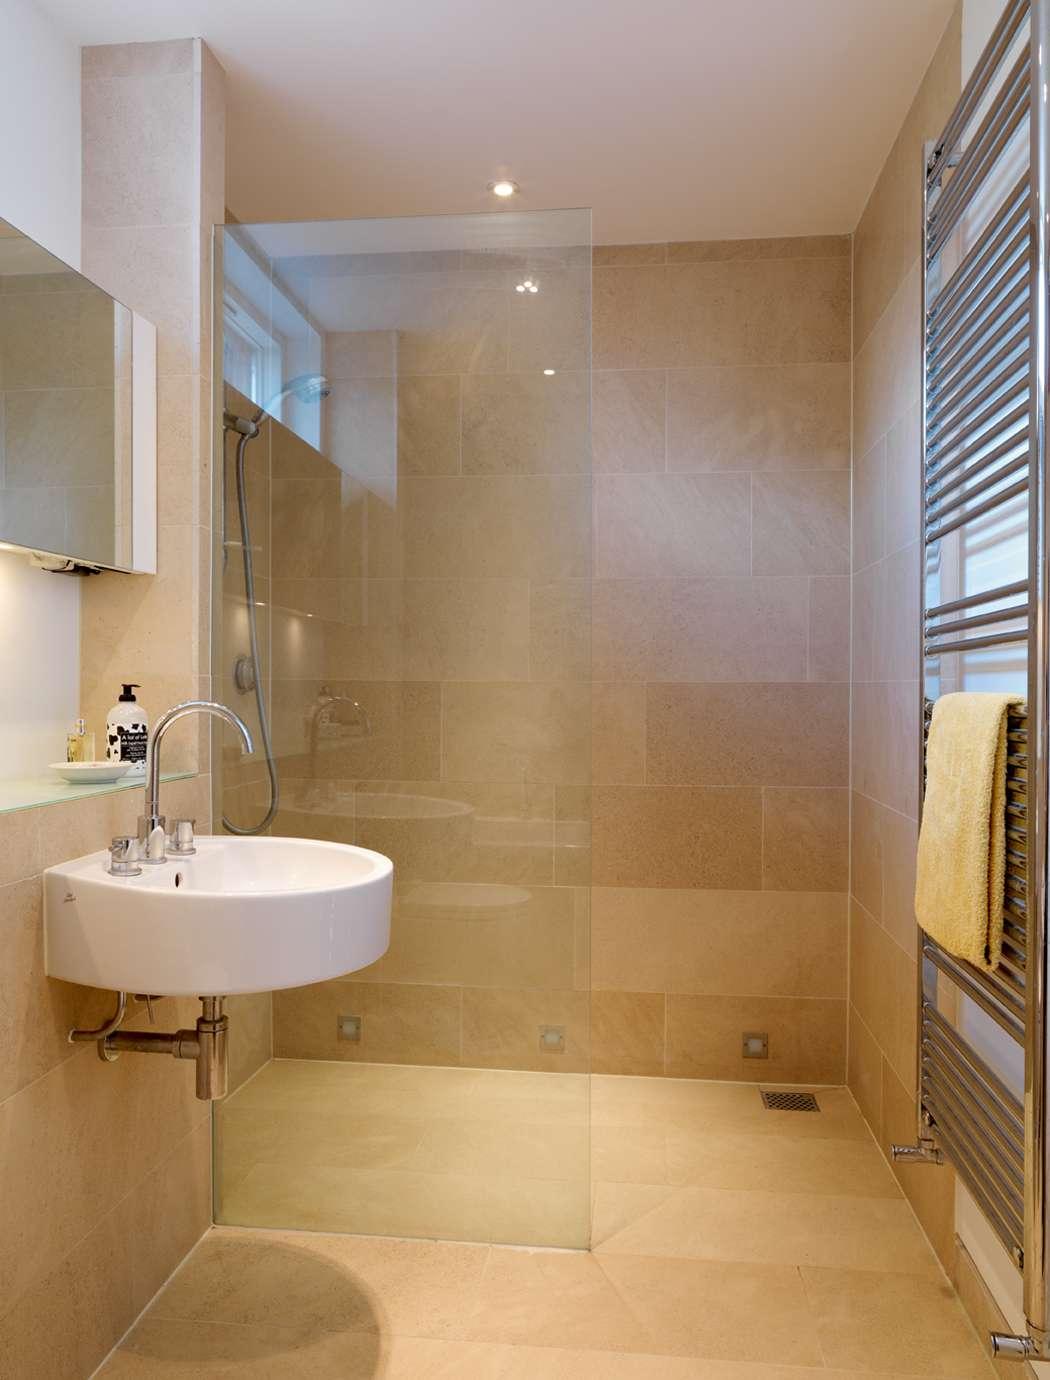 Everyday Plumber Bristol Leaks, Toilets, Taps, All ... on Small Bathroom Ideas Uk id=19192